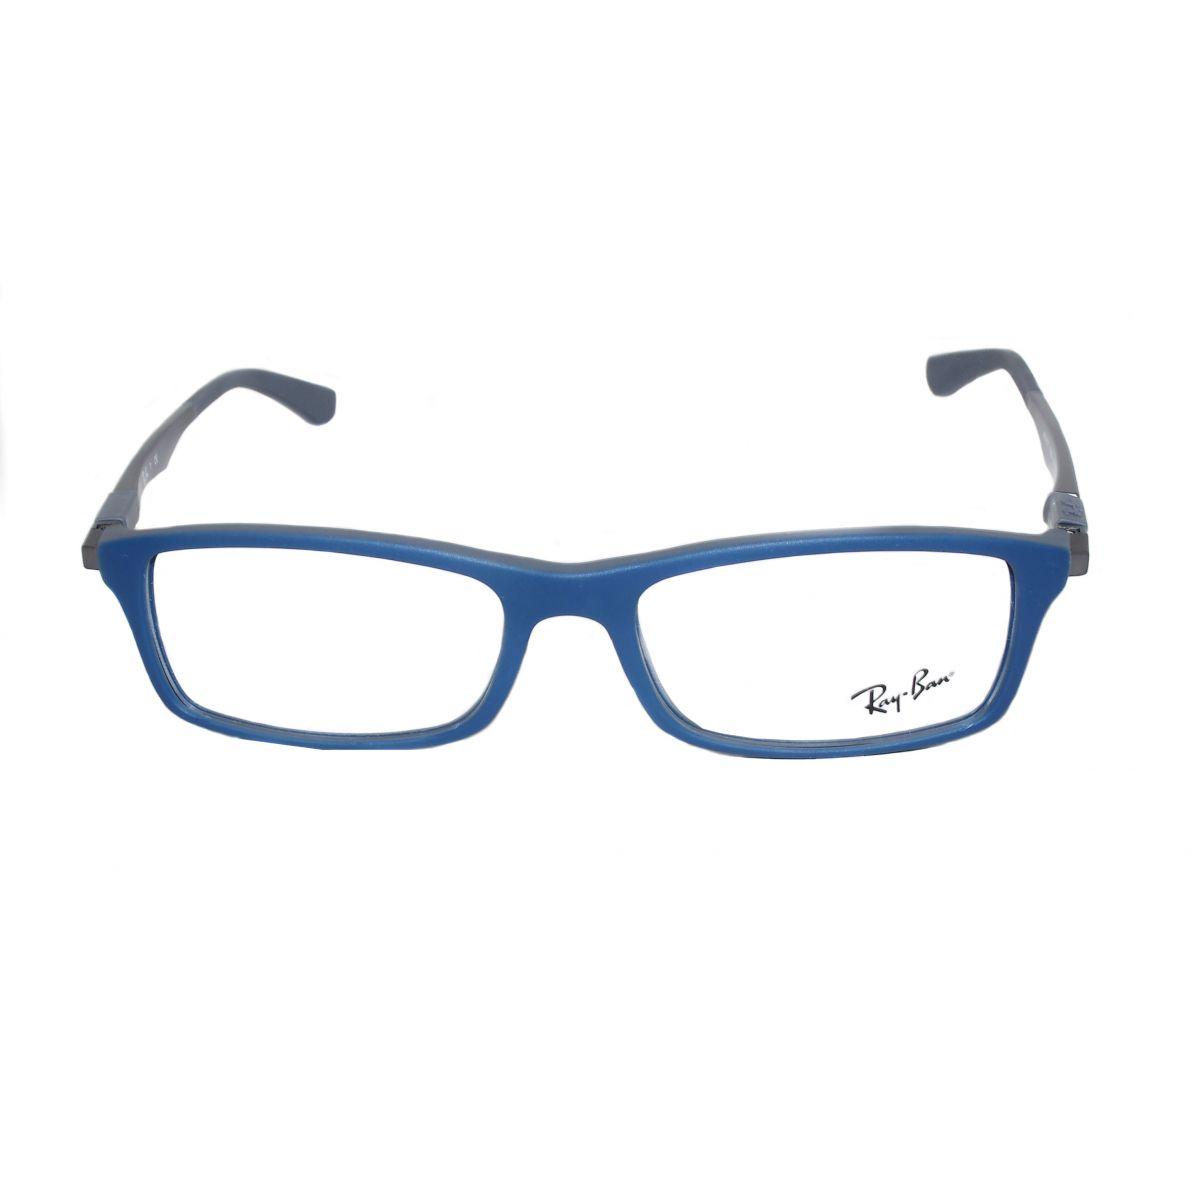 Oculo Grau Ray Ban Infantil. Óculos de Grau Ray Ban Infantil RB1552l  Tri-Jóia  Shop ... d53e4c2114